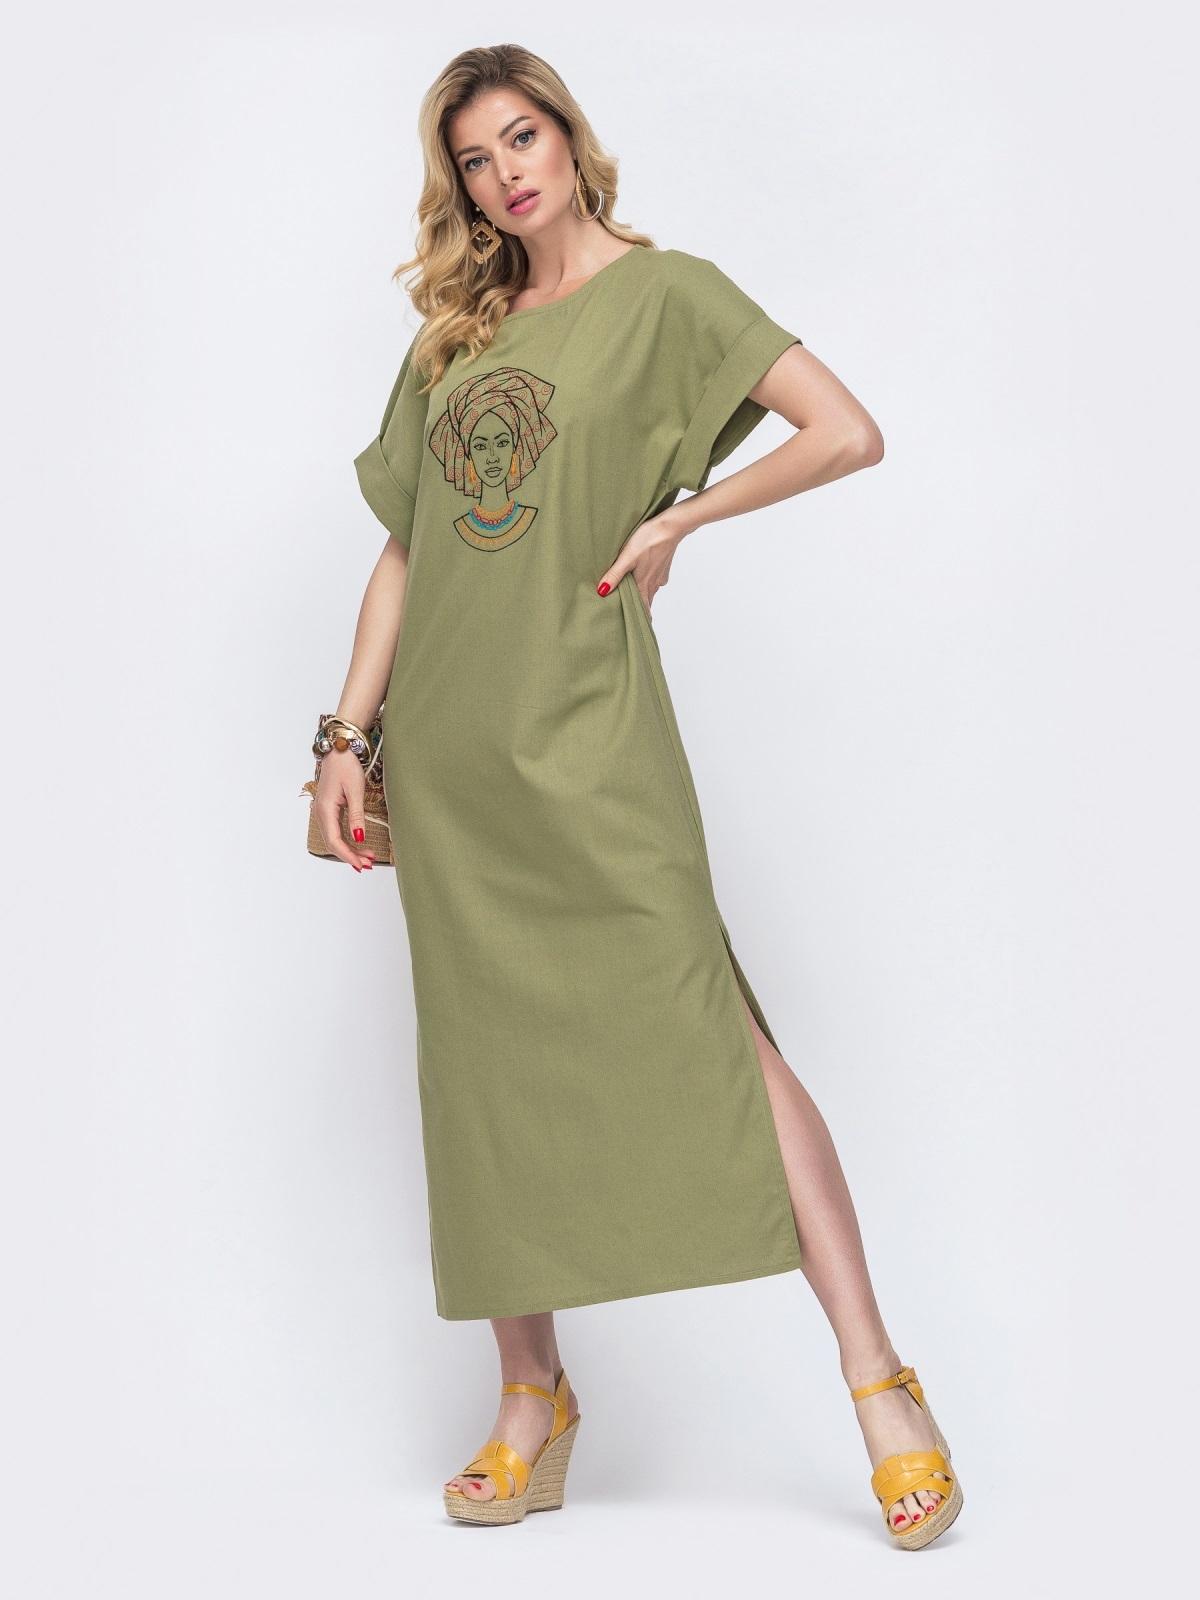 Блондинка в летнем зеленом платье с ярким принтом